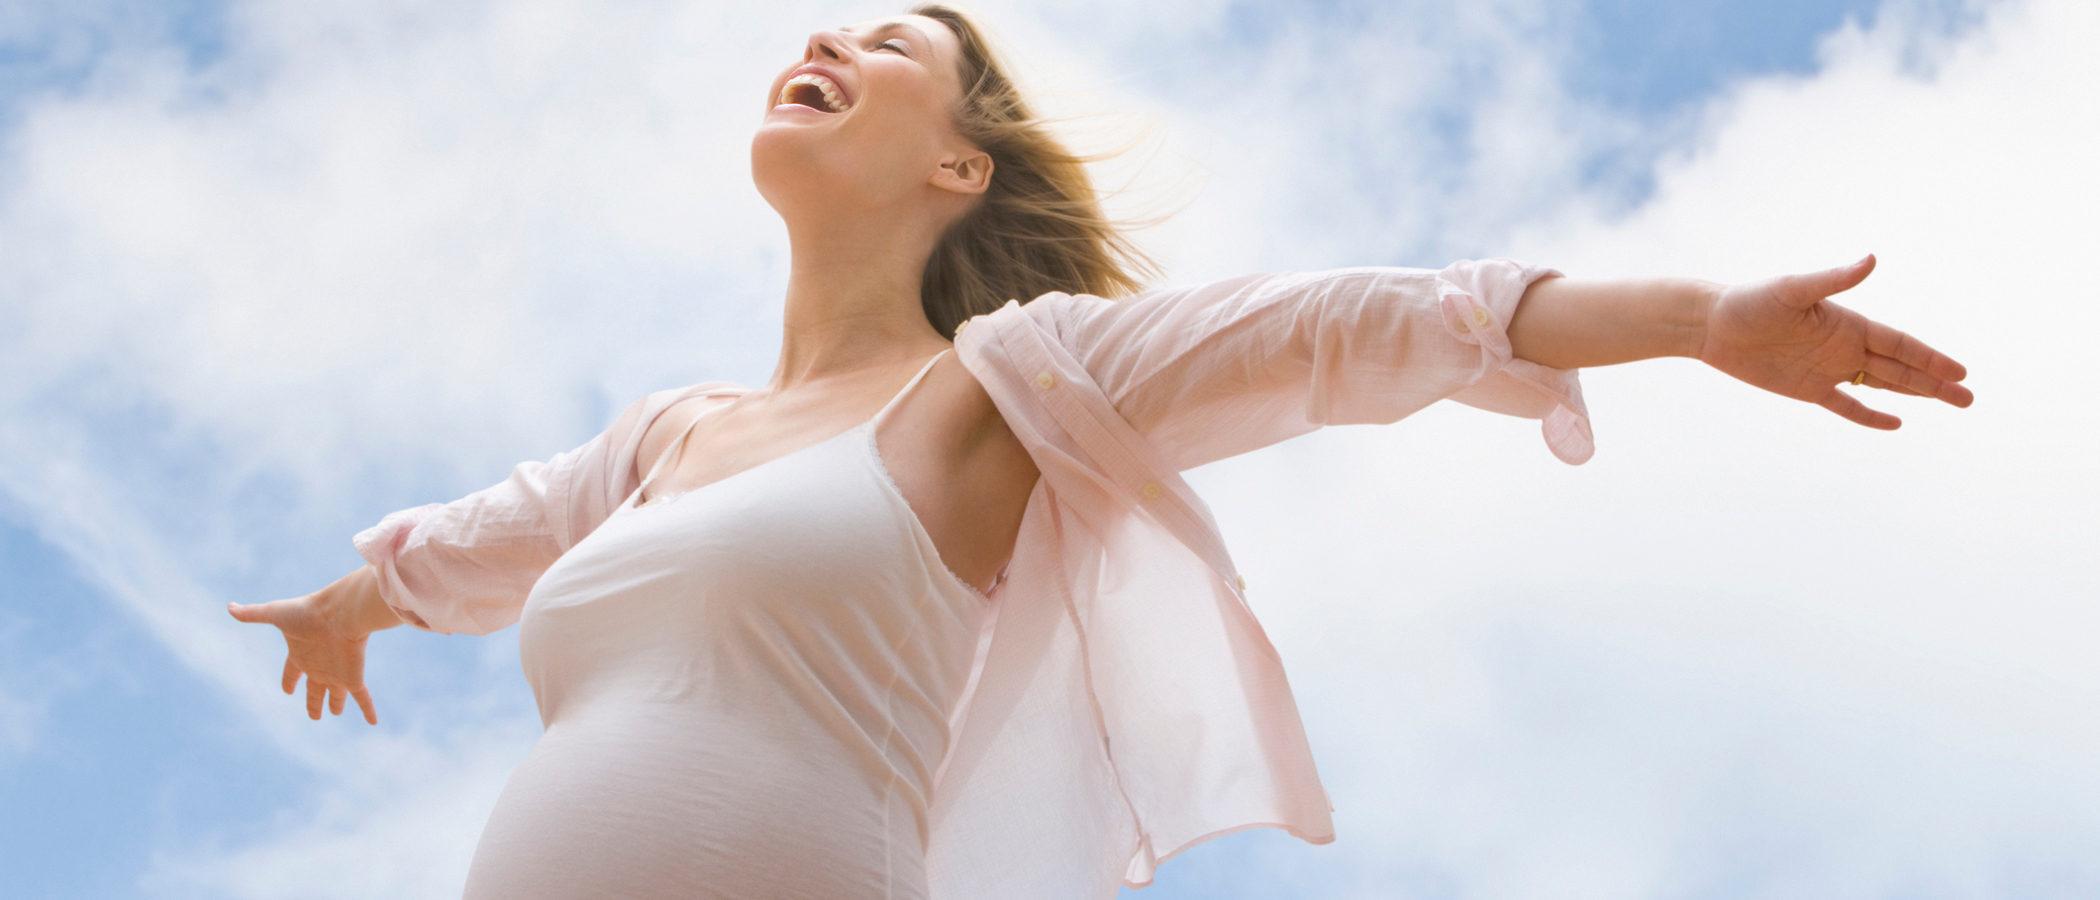 Embarazo sin síntomas, ¿es posible?